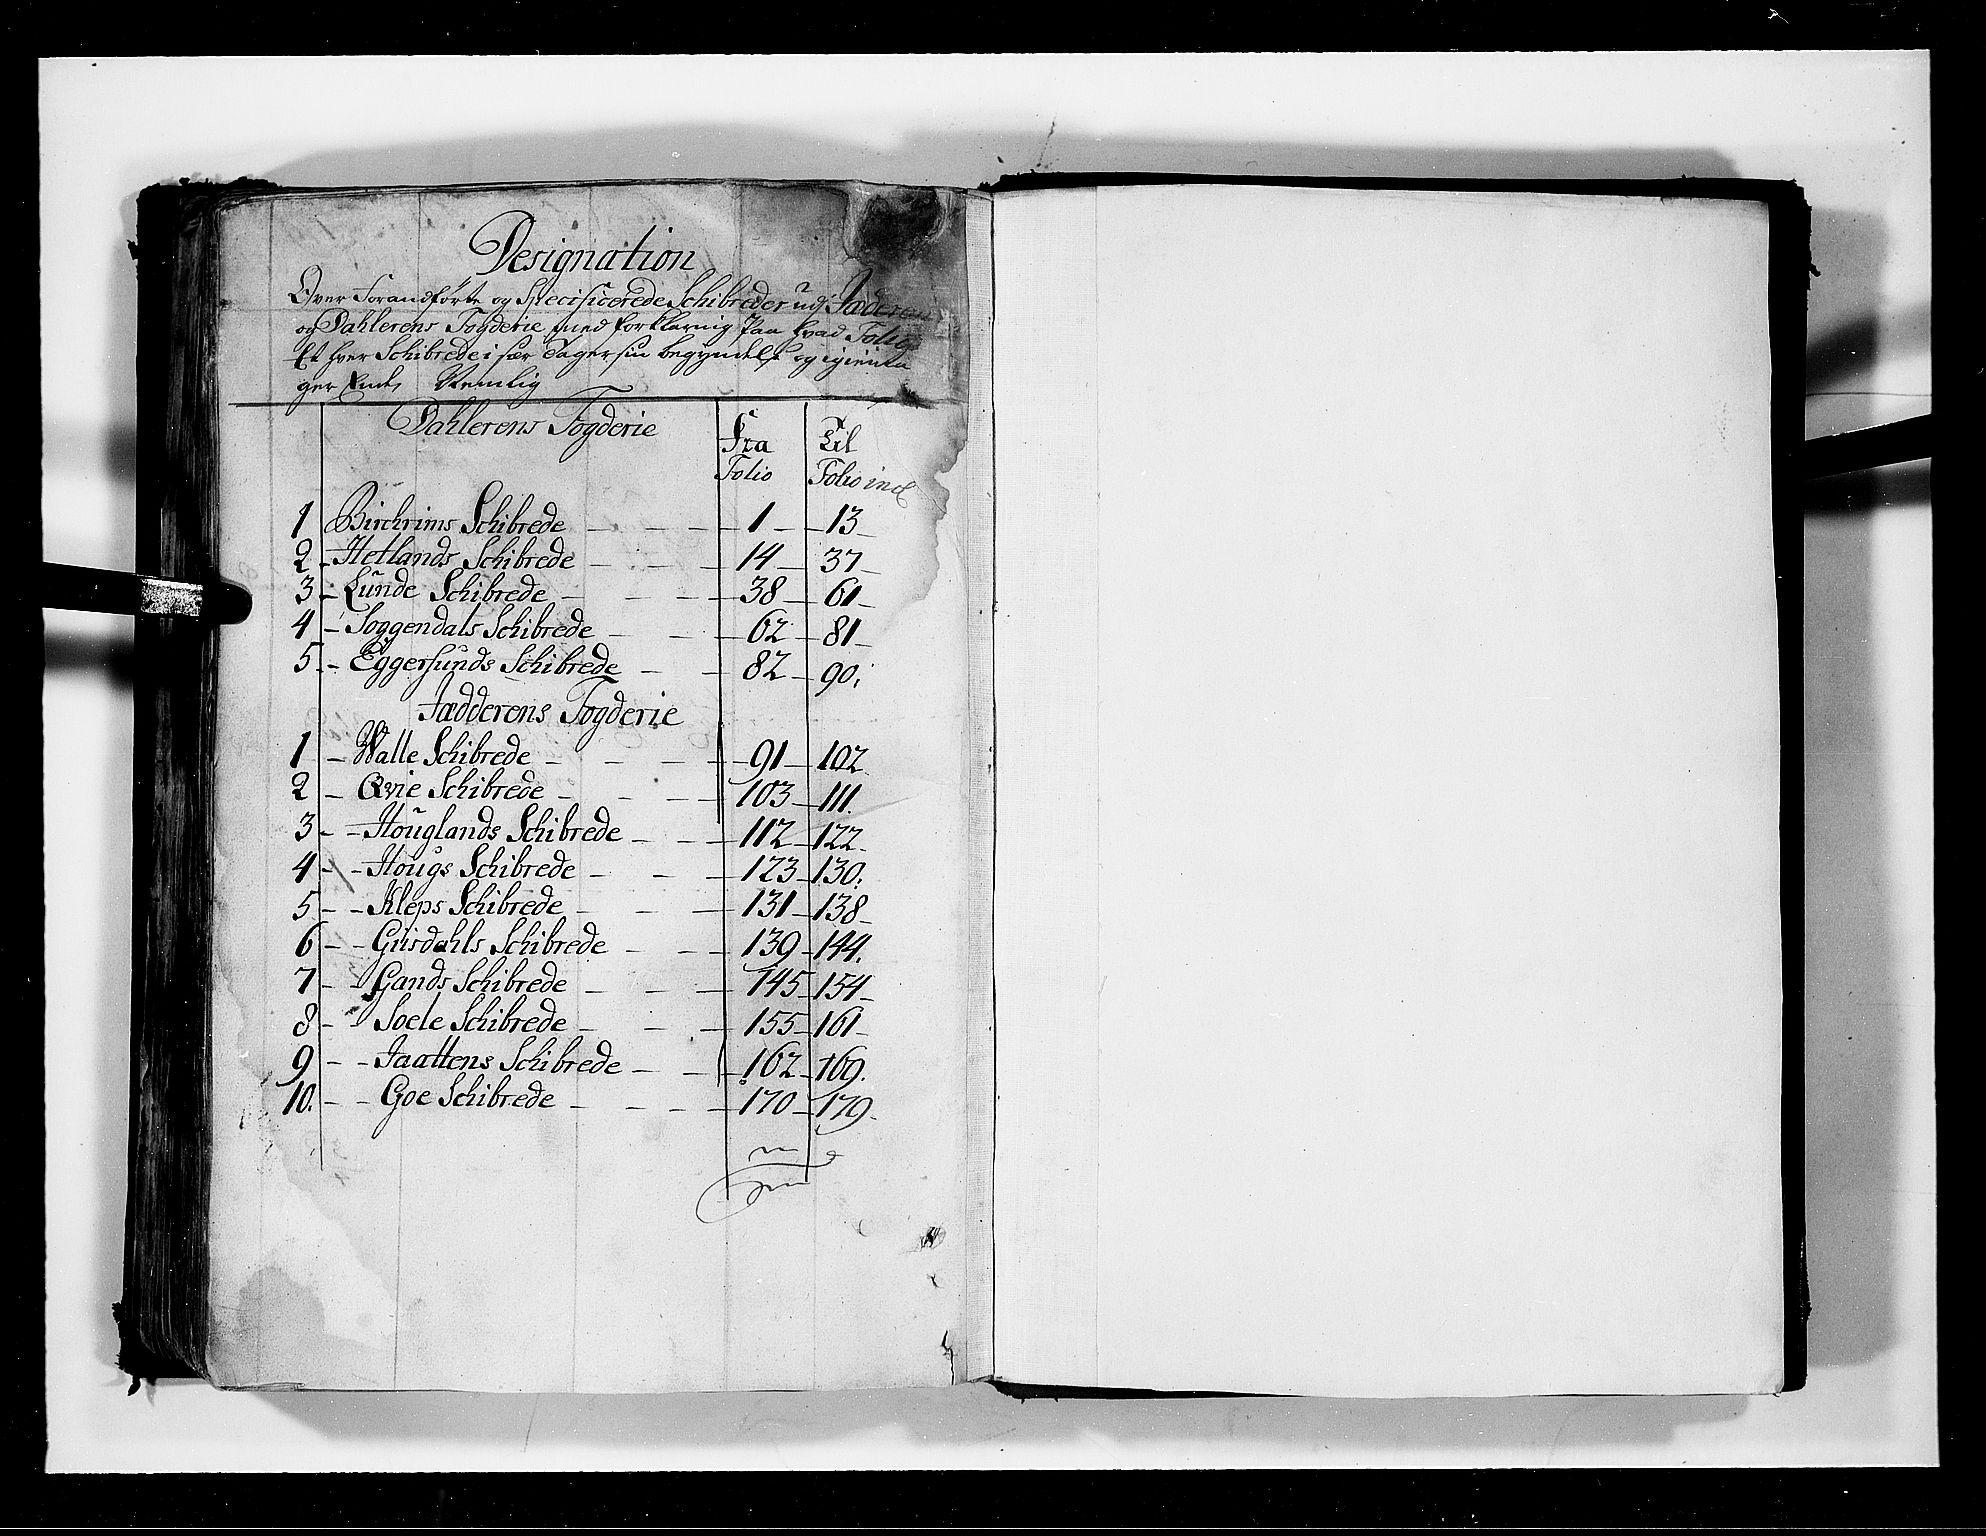 RA, Rentekammeret inntil 1814, Realistisk ordnet avdeling, N/Nb/Nbf/L0131: Jæren og Dalane eksaminasjonsprotokoll, 1723, s. 179b-180a